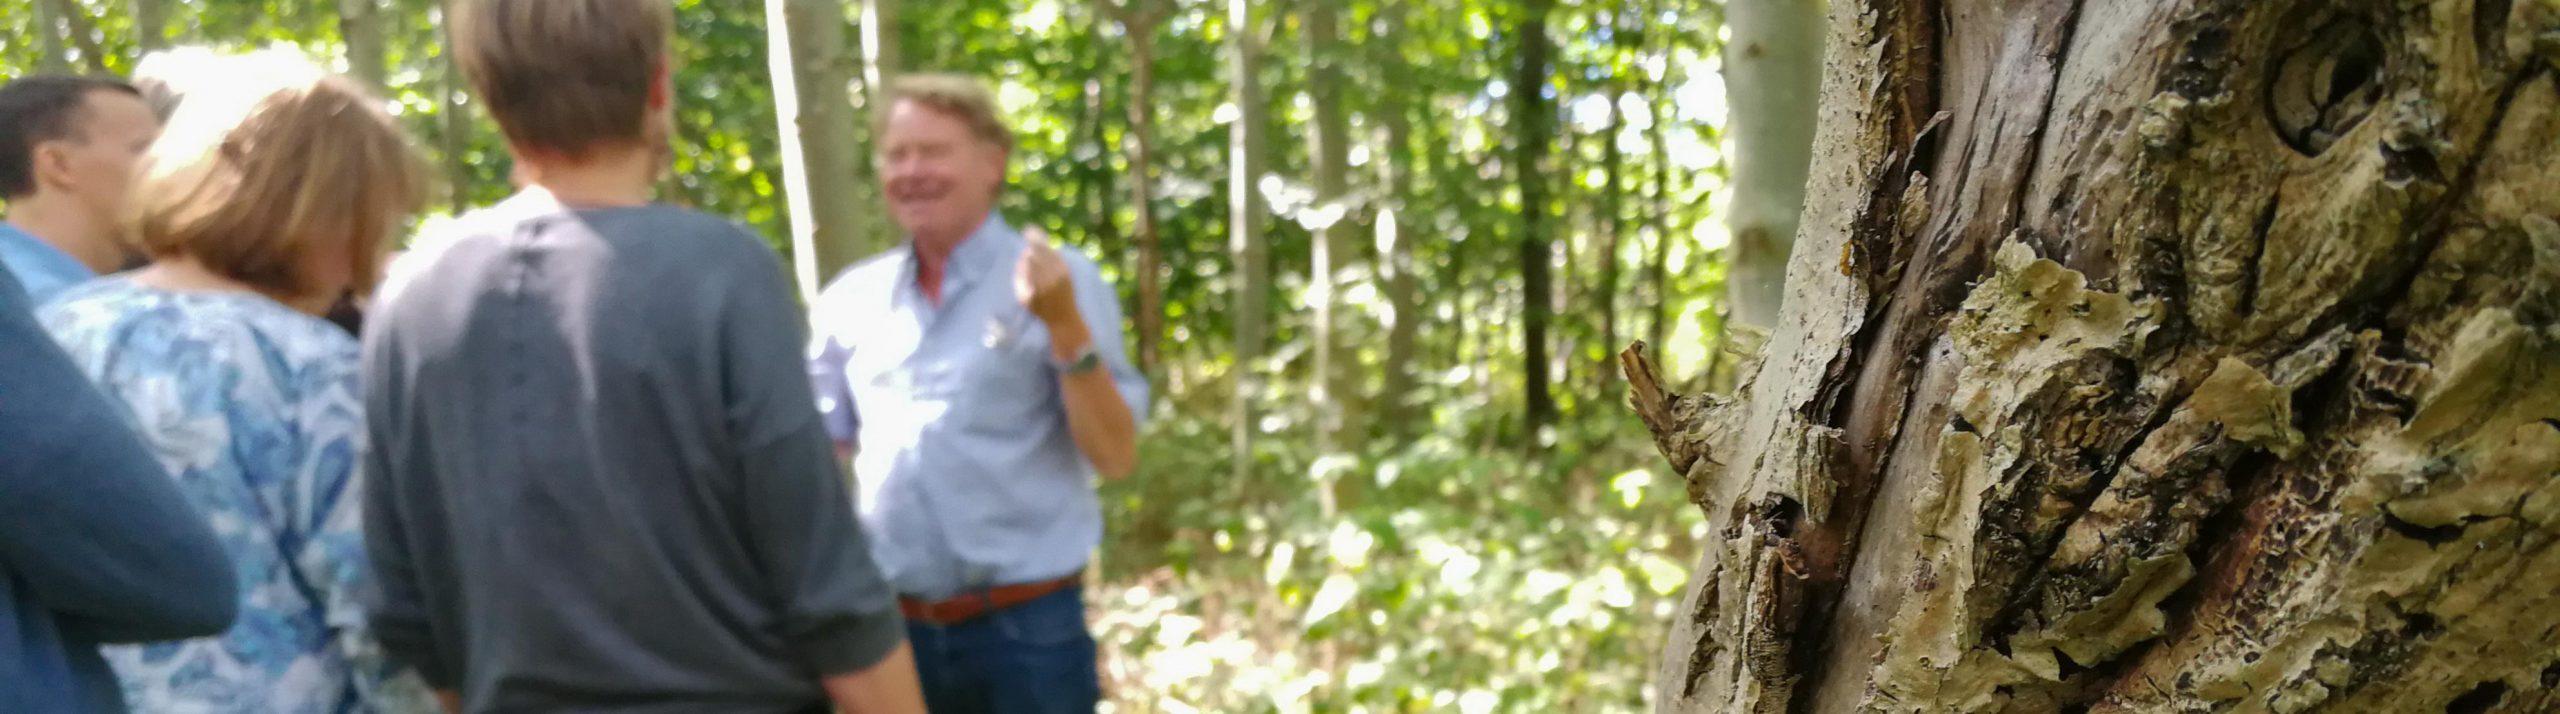 Närbild på en askstam med en man som håller en presentation för andra människor i bakgrunden.